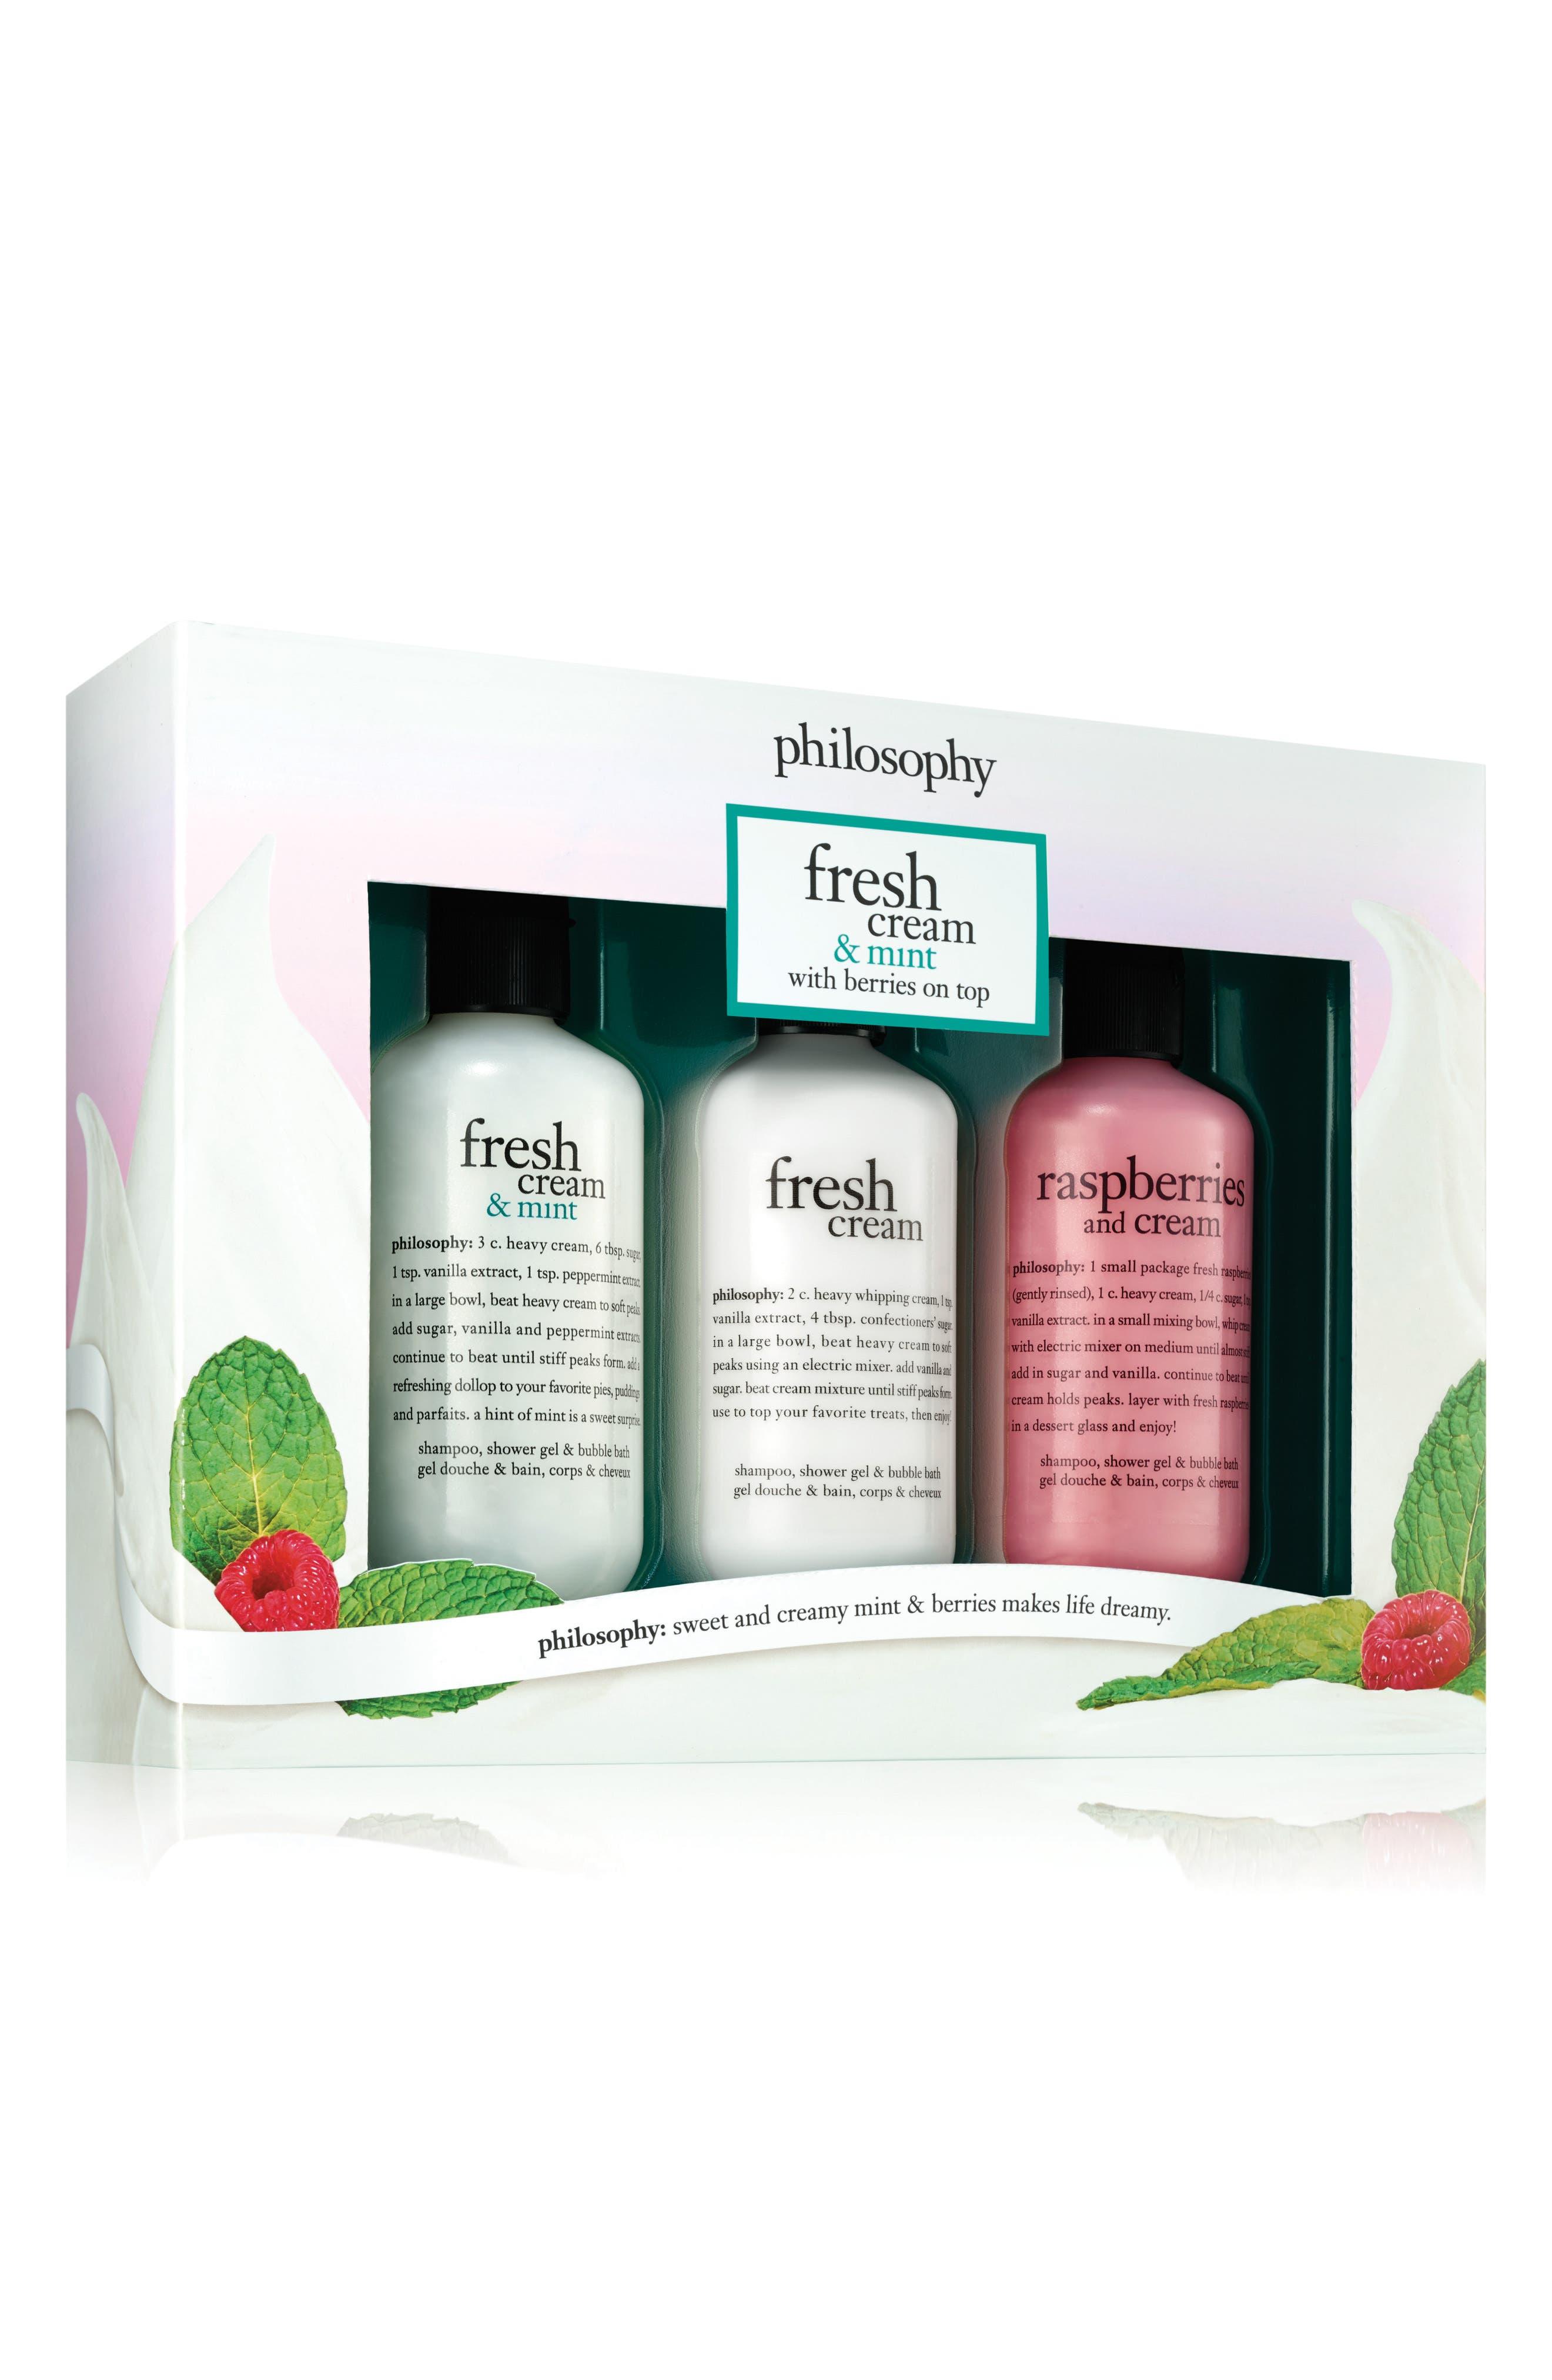 philosophy fresh cream shampoo, shower gel & bubble bath trio